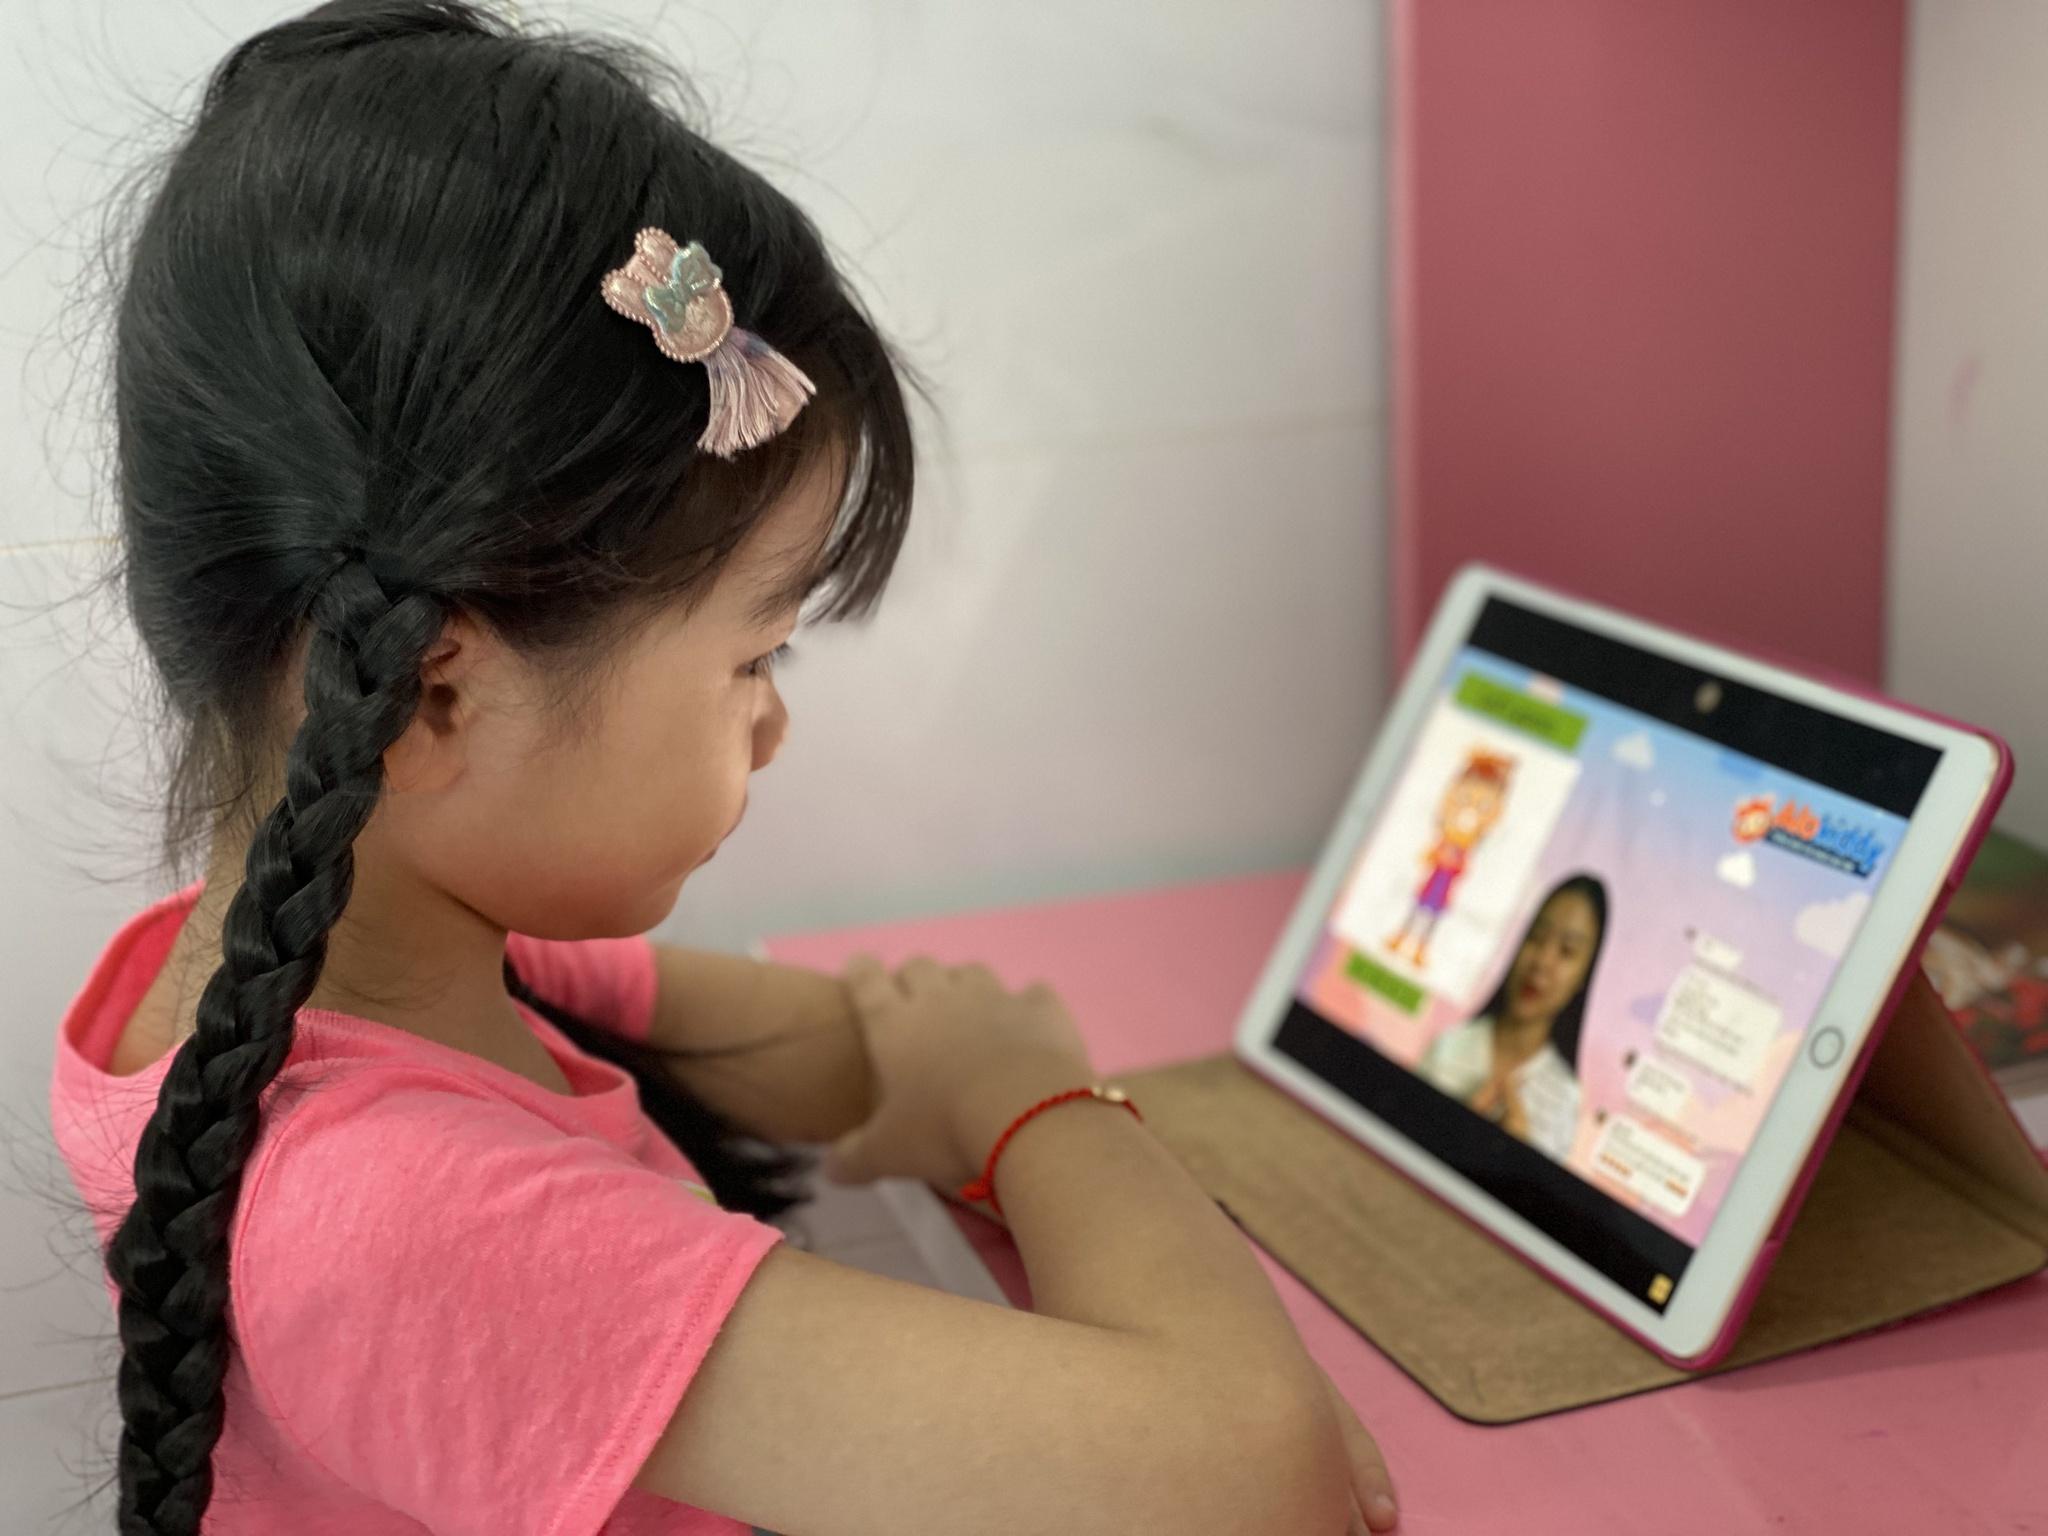 Dịch kéo dài, phụ huynh cần chuẩn bị gì nếu vào lớp 1 con học trực tuyến? - ảnh 1